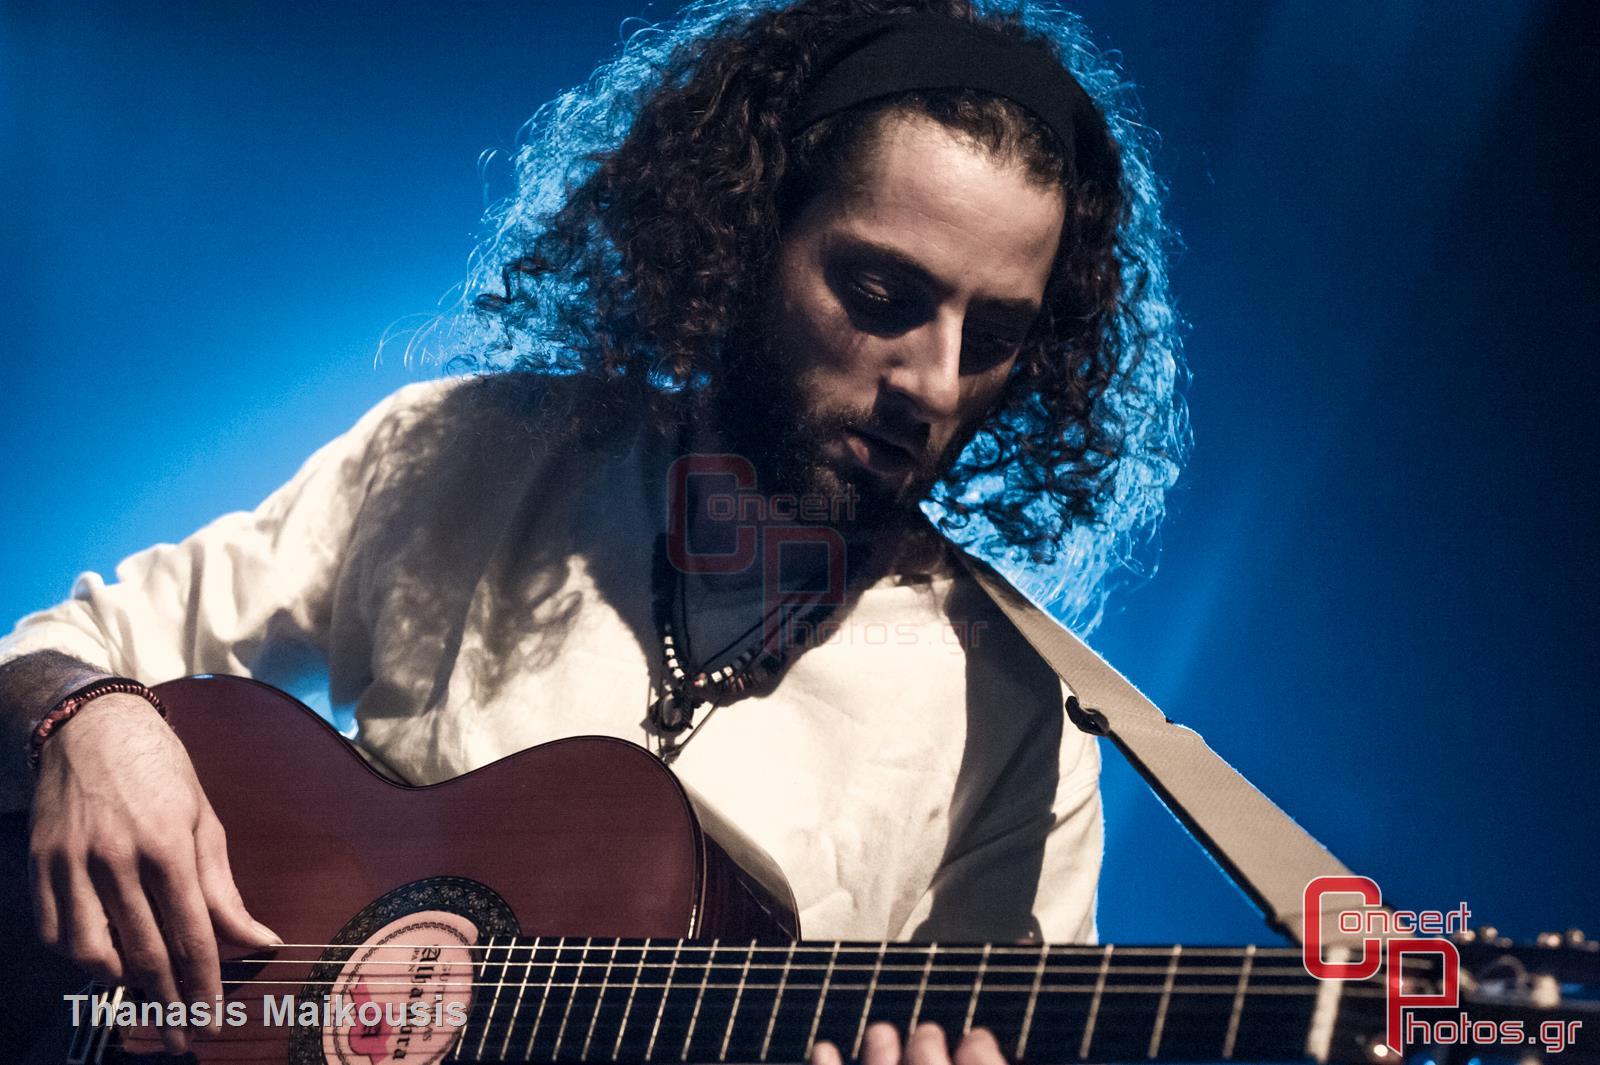 Dub Inc-Dub Inc photographer: Thanasis Maikousis - concertphotos_-5223